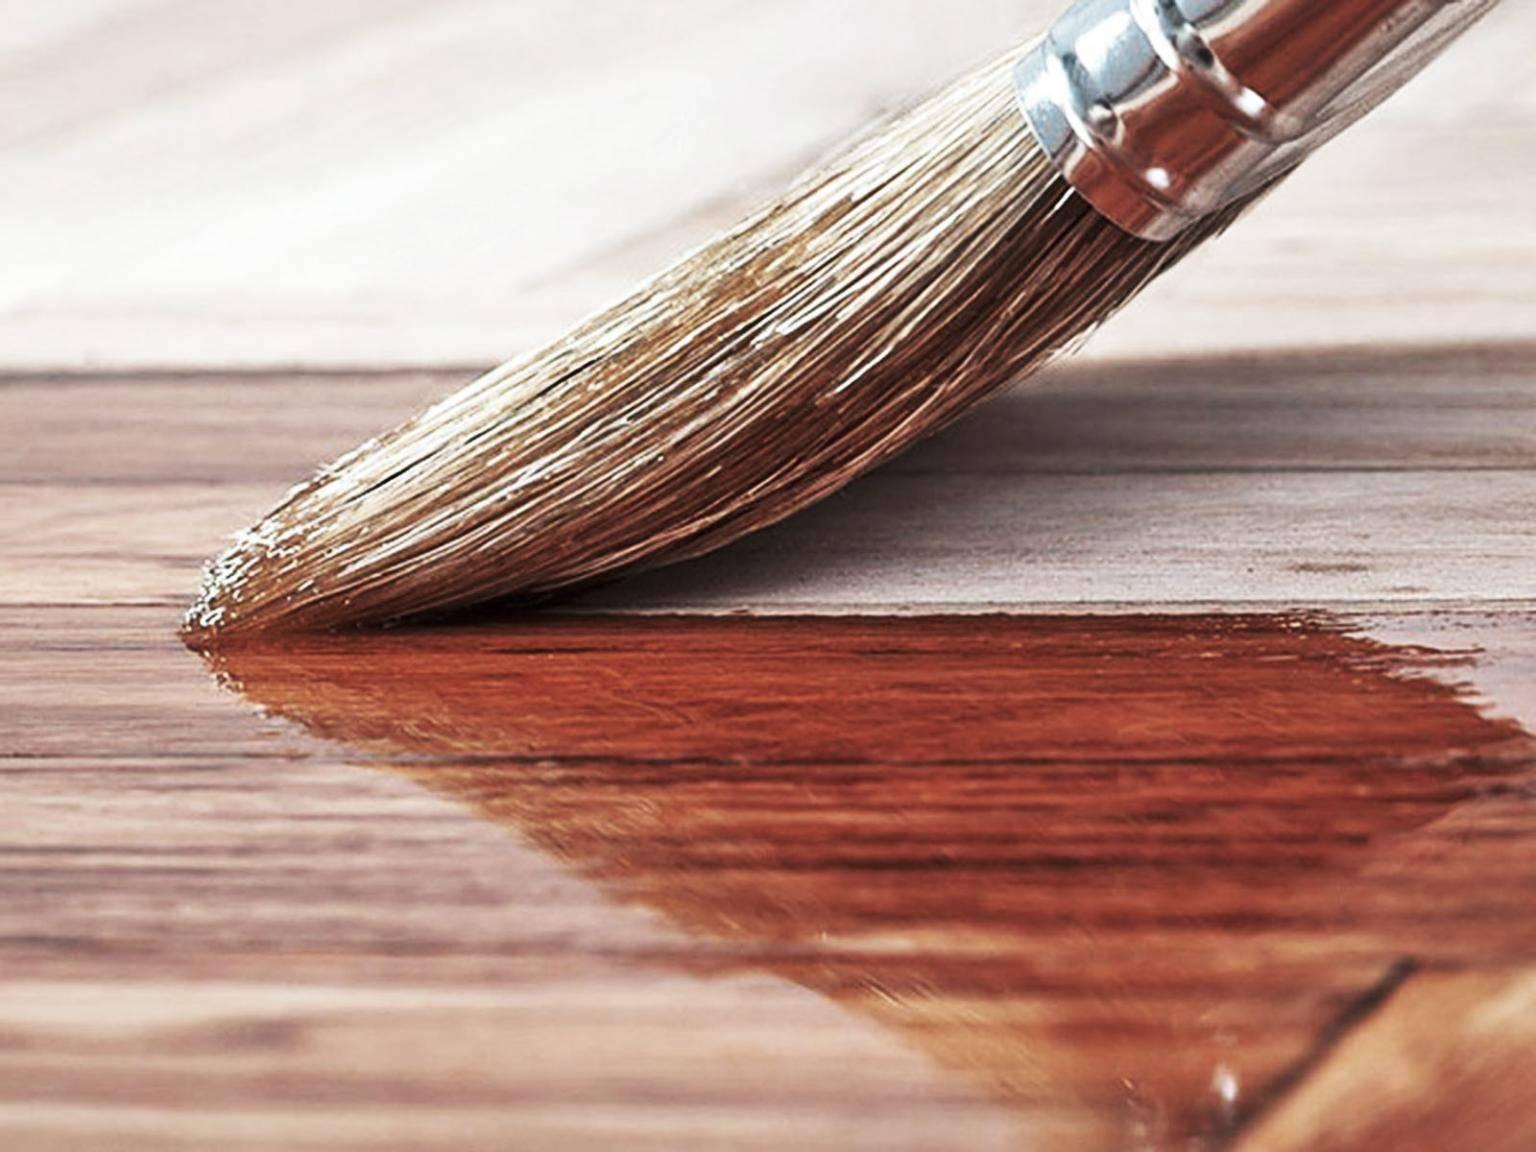 Обработка деревянных поверхностей маслом биофа — защита и сохранение текстуры